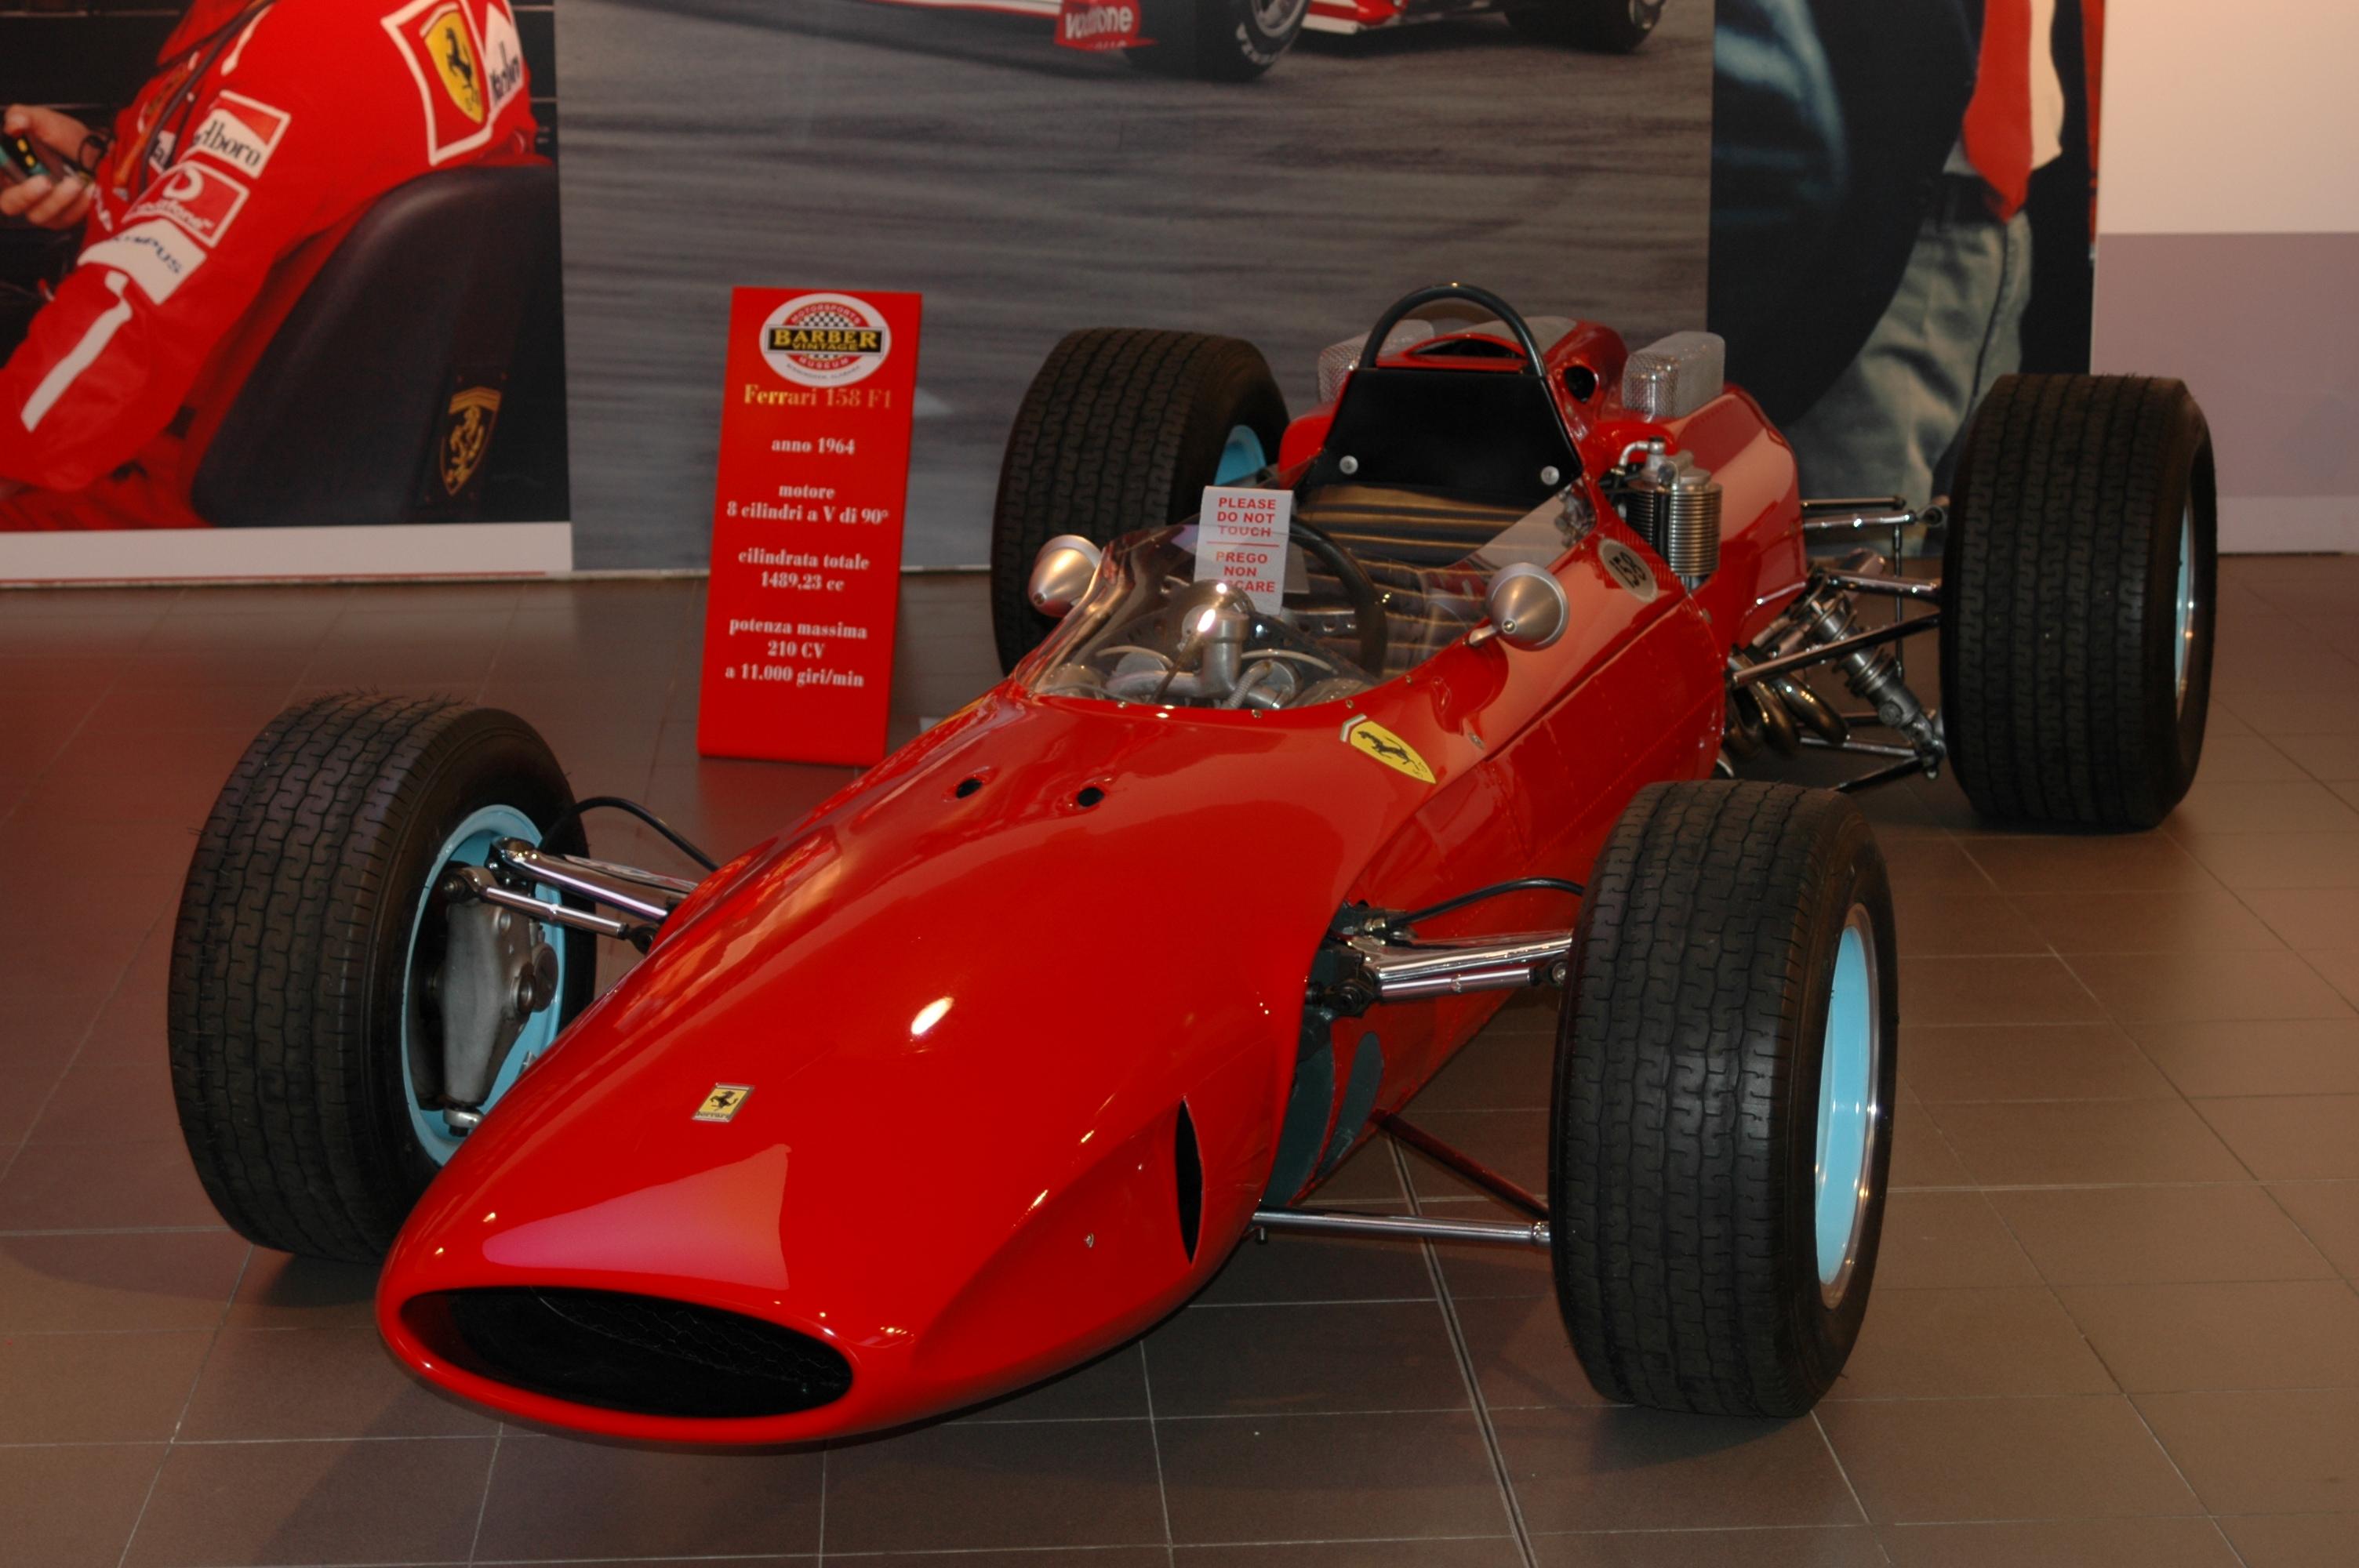 1964 ferrari f-158 f1